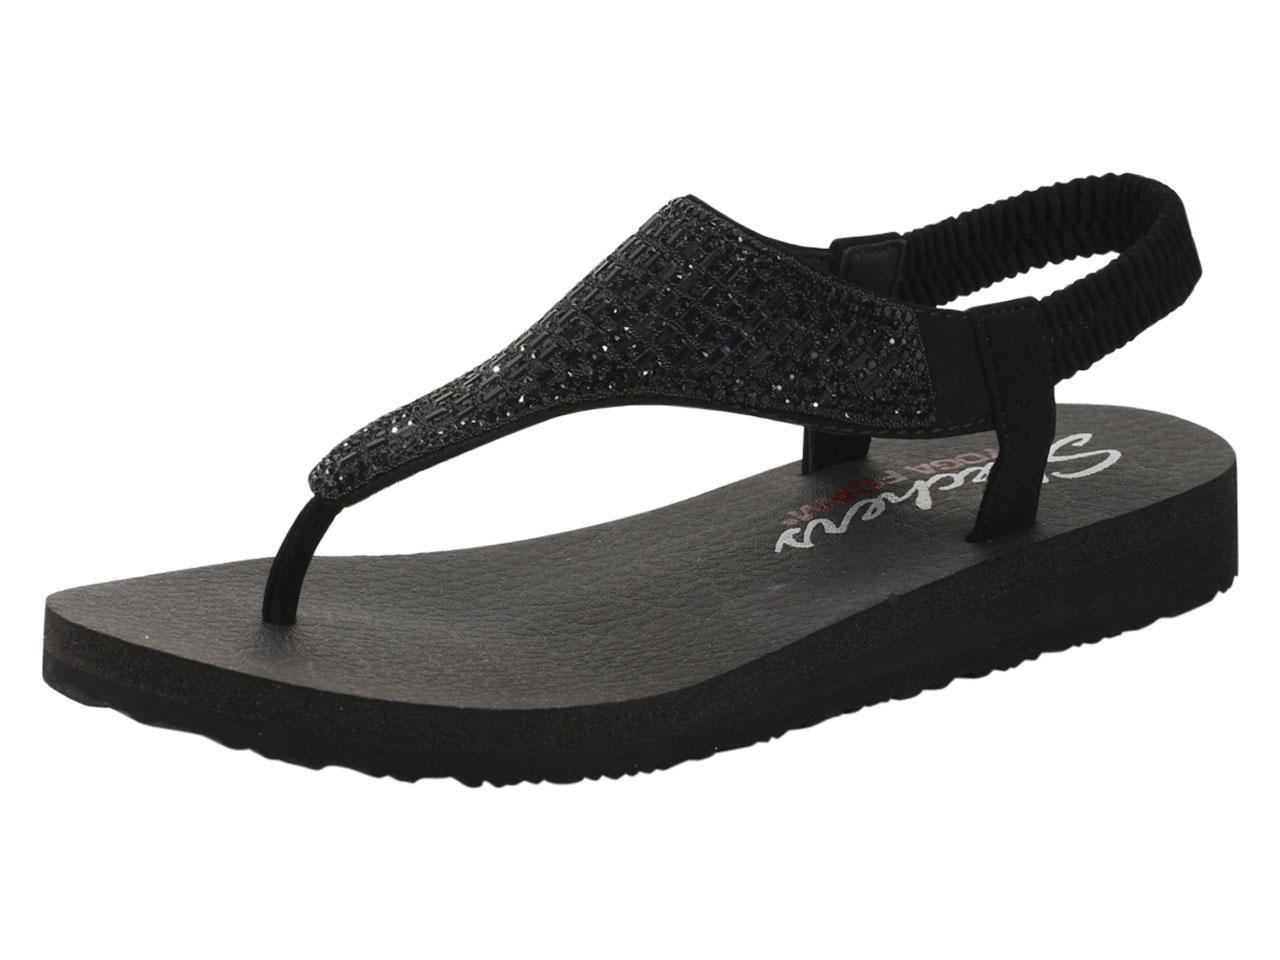 2d3670092bf4 Skechers Women s Meditation Rock Crown Yoga Foam Sandals Shoes